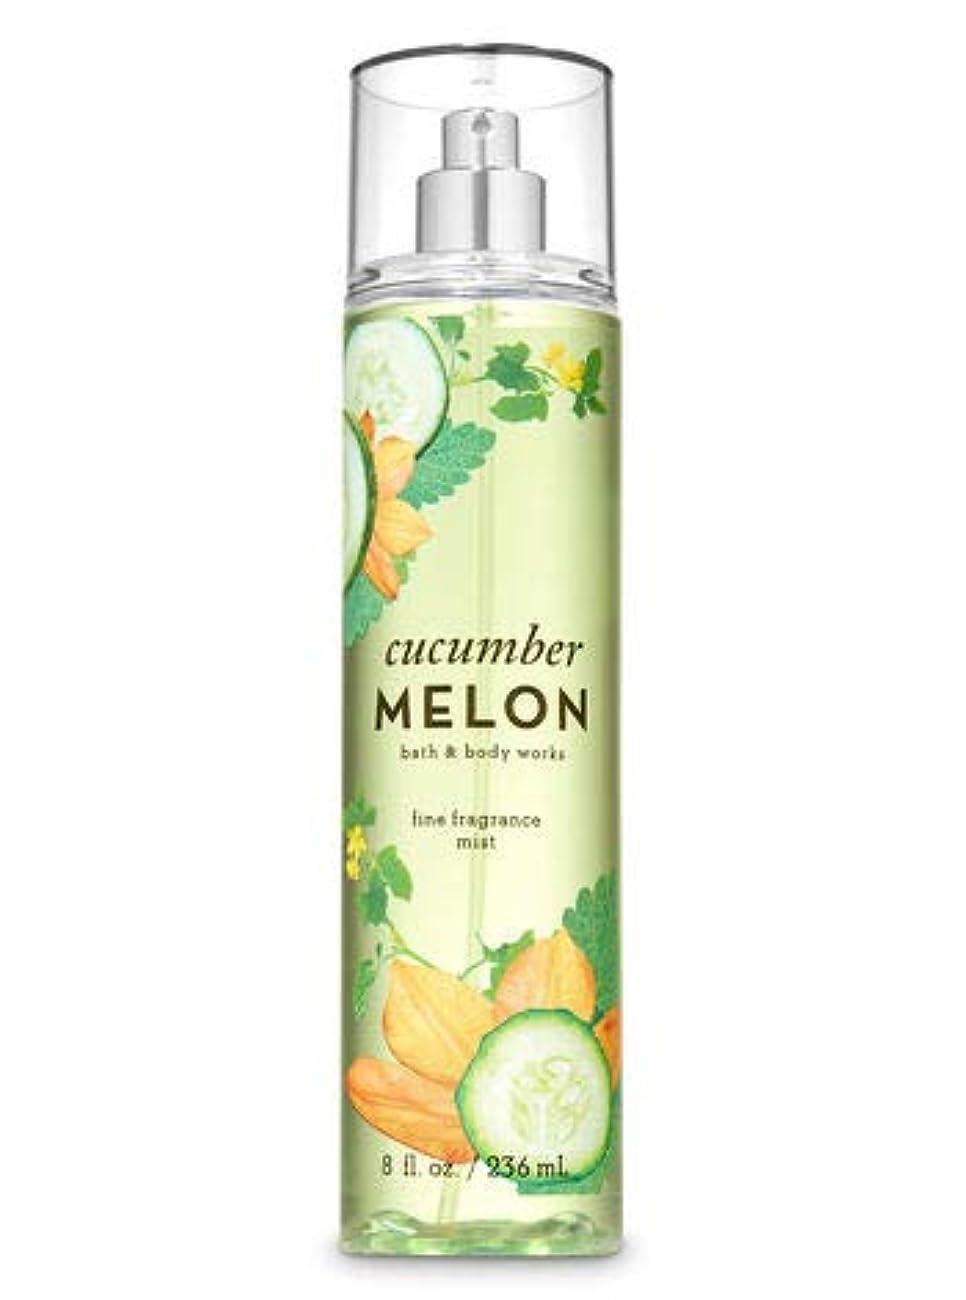 侵入する推論通知【Bath&Body Works/バス&ボディワークス】 ファインフレグランスミスト キューカンバーメロン Fine Fragrance Mist Cucumber Melon 8oz (236ml) [並行輸入品]